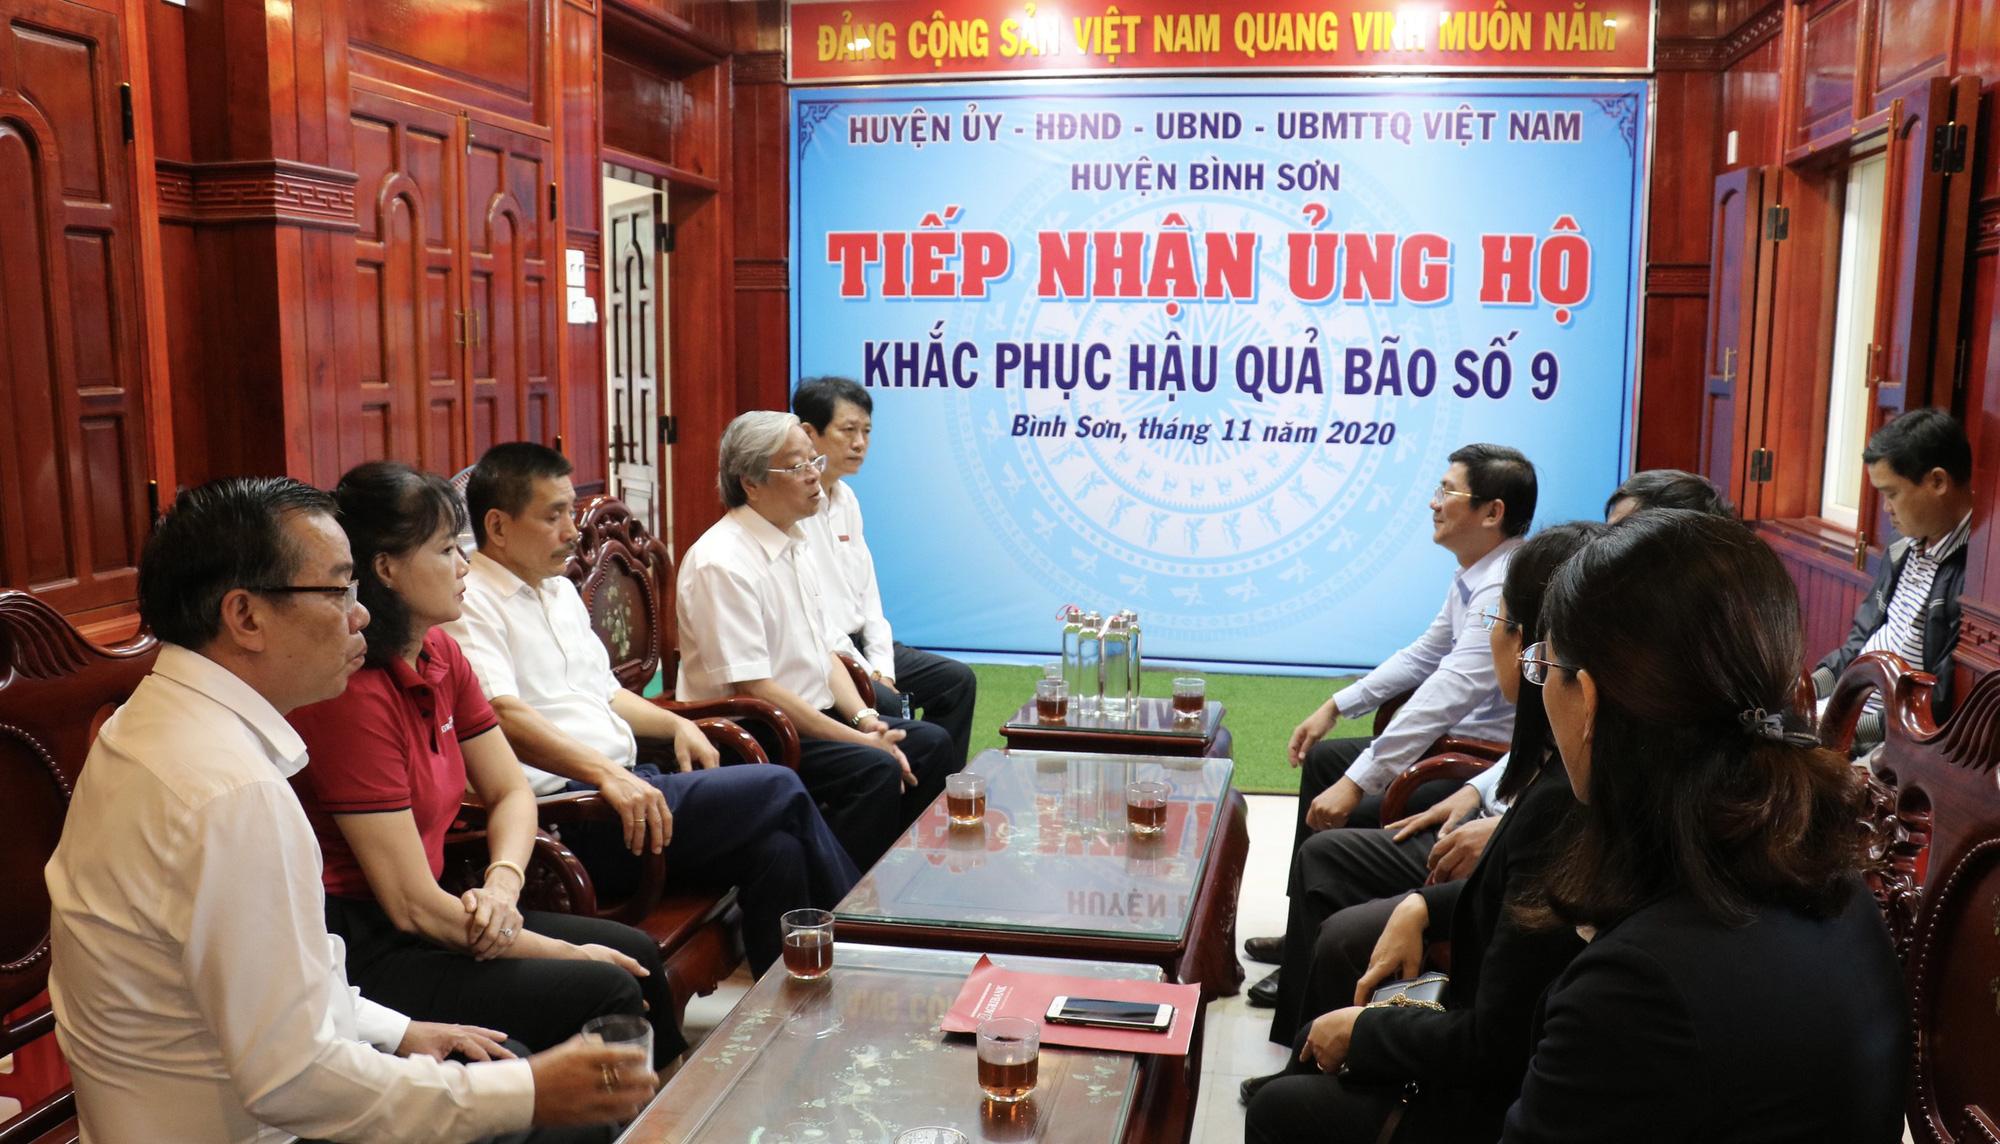 Agribank tiếp tục ủng hộ 1,3 tỷ đồng cho người dân Quảng Ngãi khắc phục hậu quả bão lũ - Ảnh 3.